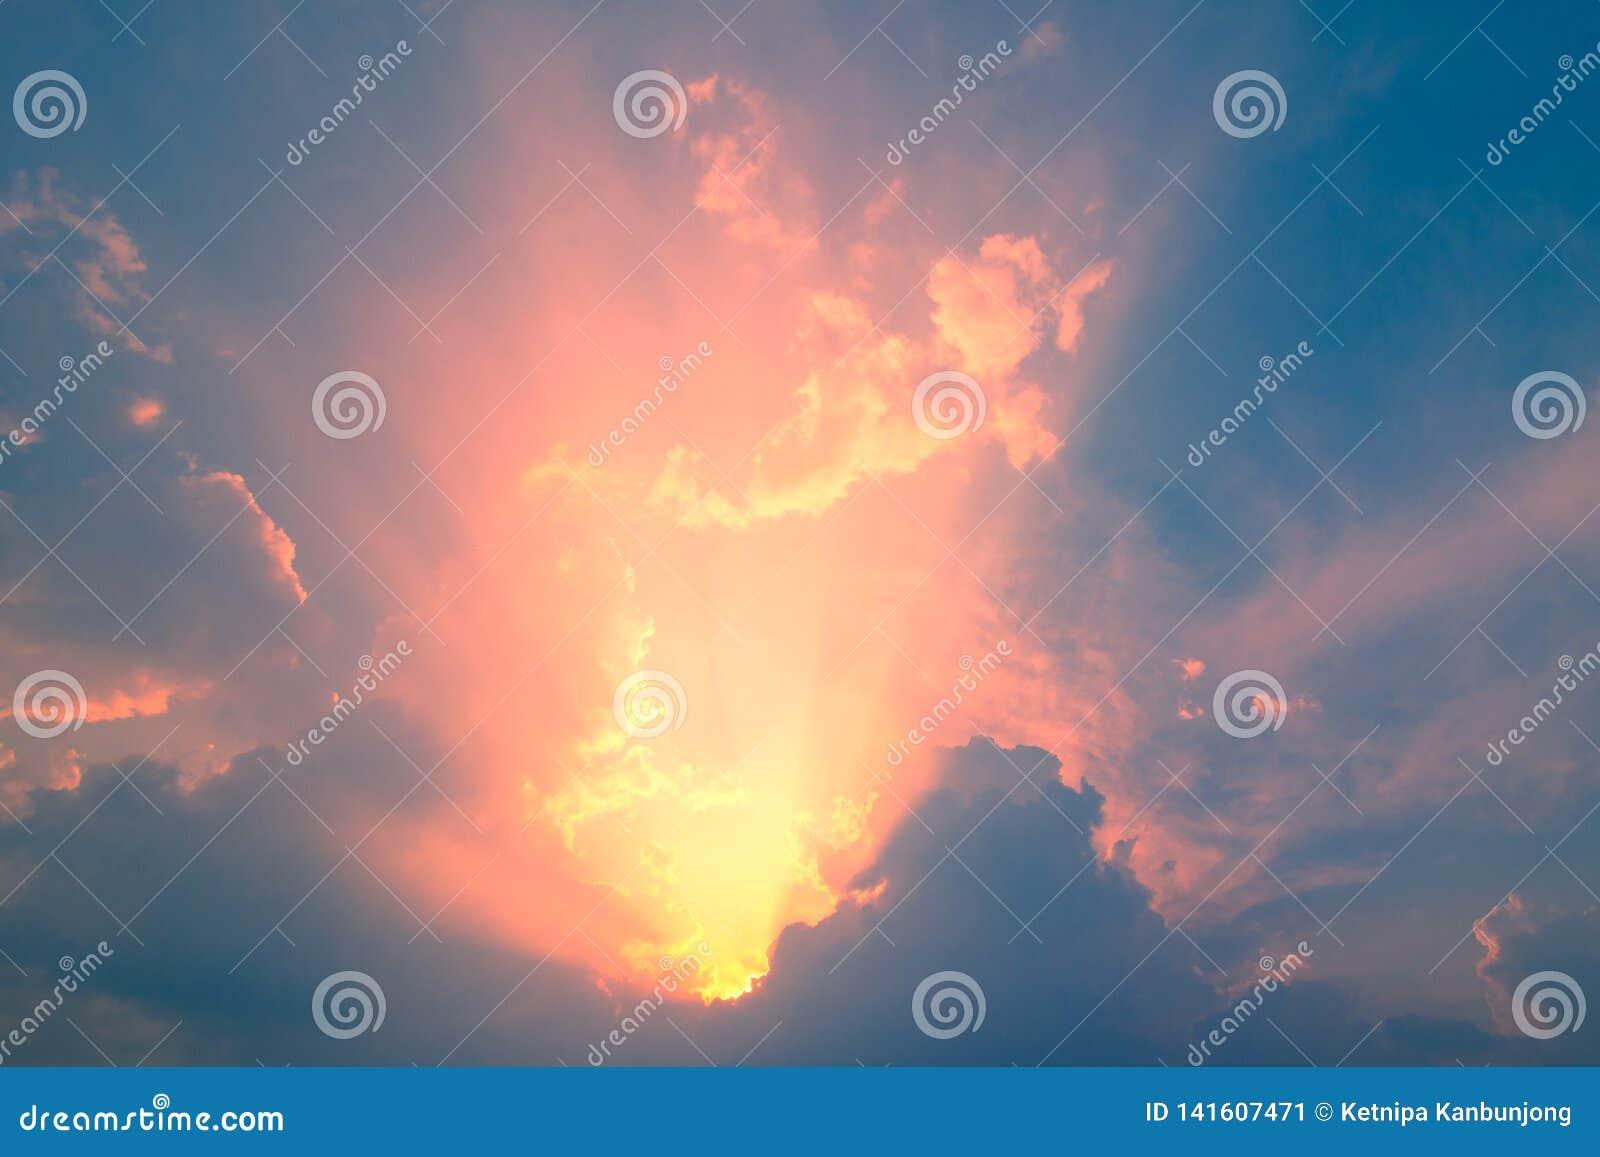 Blauer Himmel mit Wolke und Beleuchtung